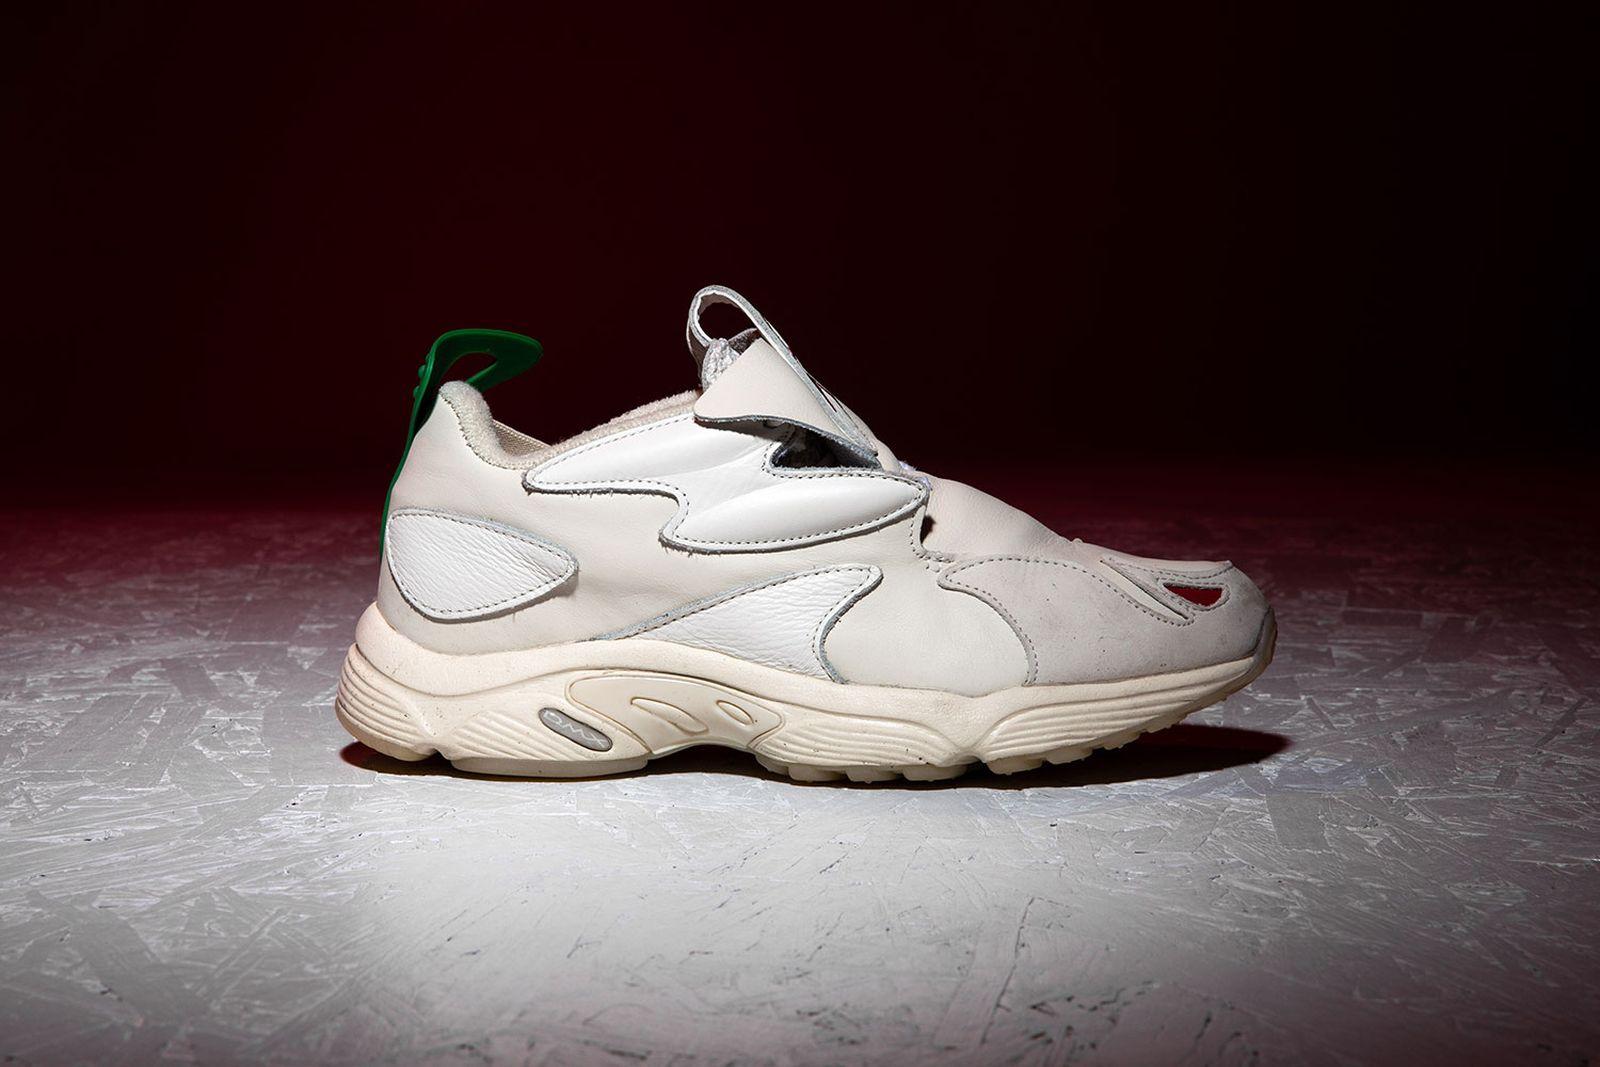 best sneakers 2018 jian deleon best of 2018 staff lists